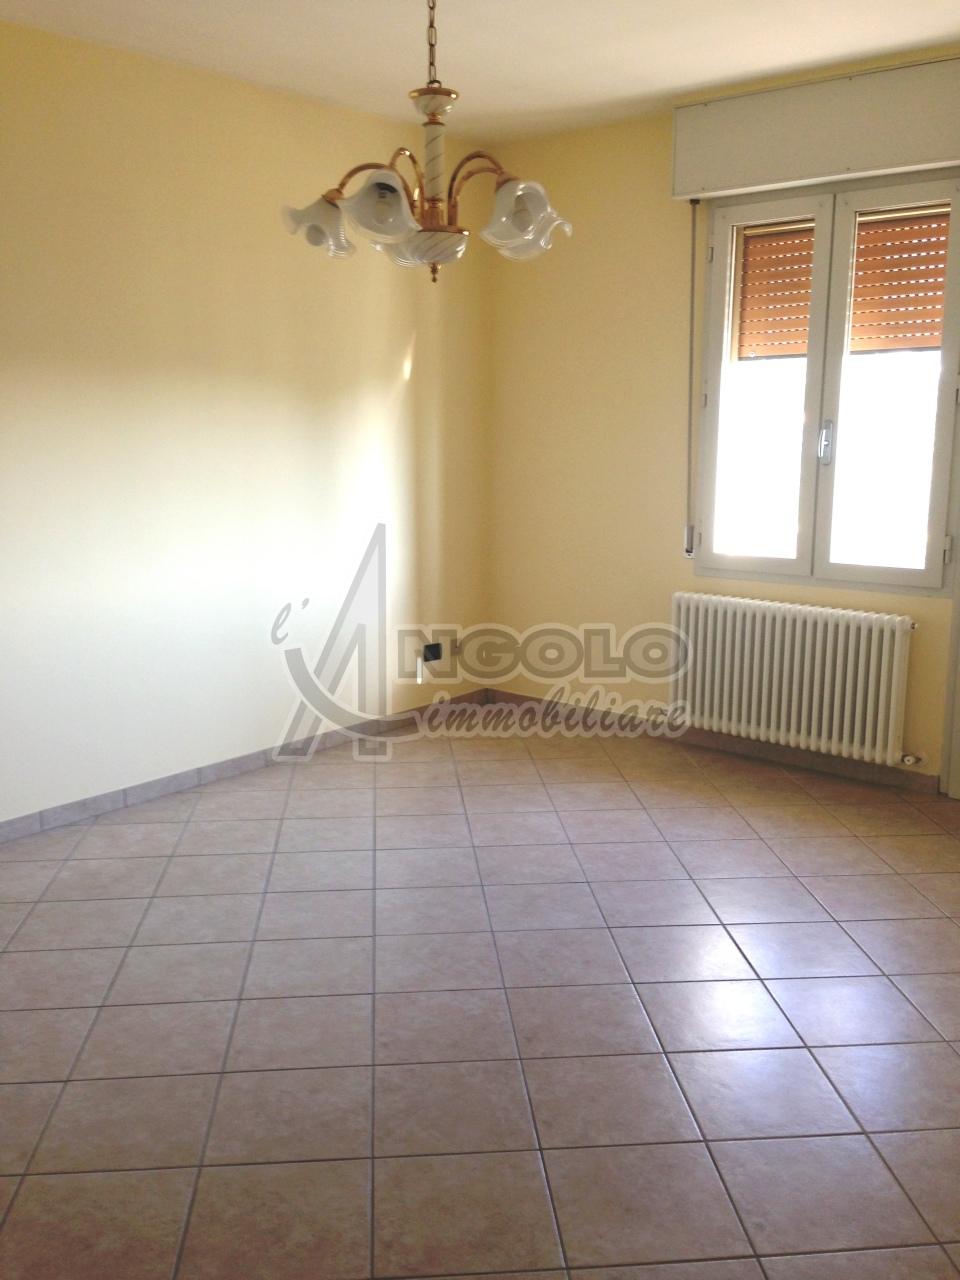 Attico / Mansarda in vendita a Occhiobello, 5 locali, prezzo € 63.000 | Cambio Casa.it